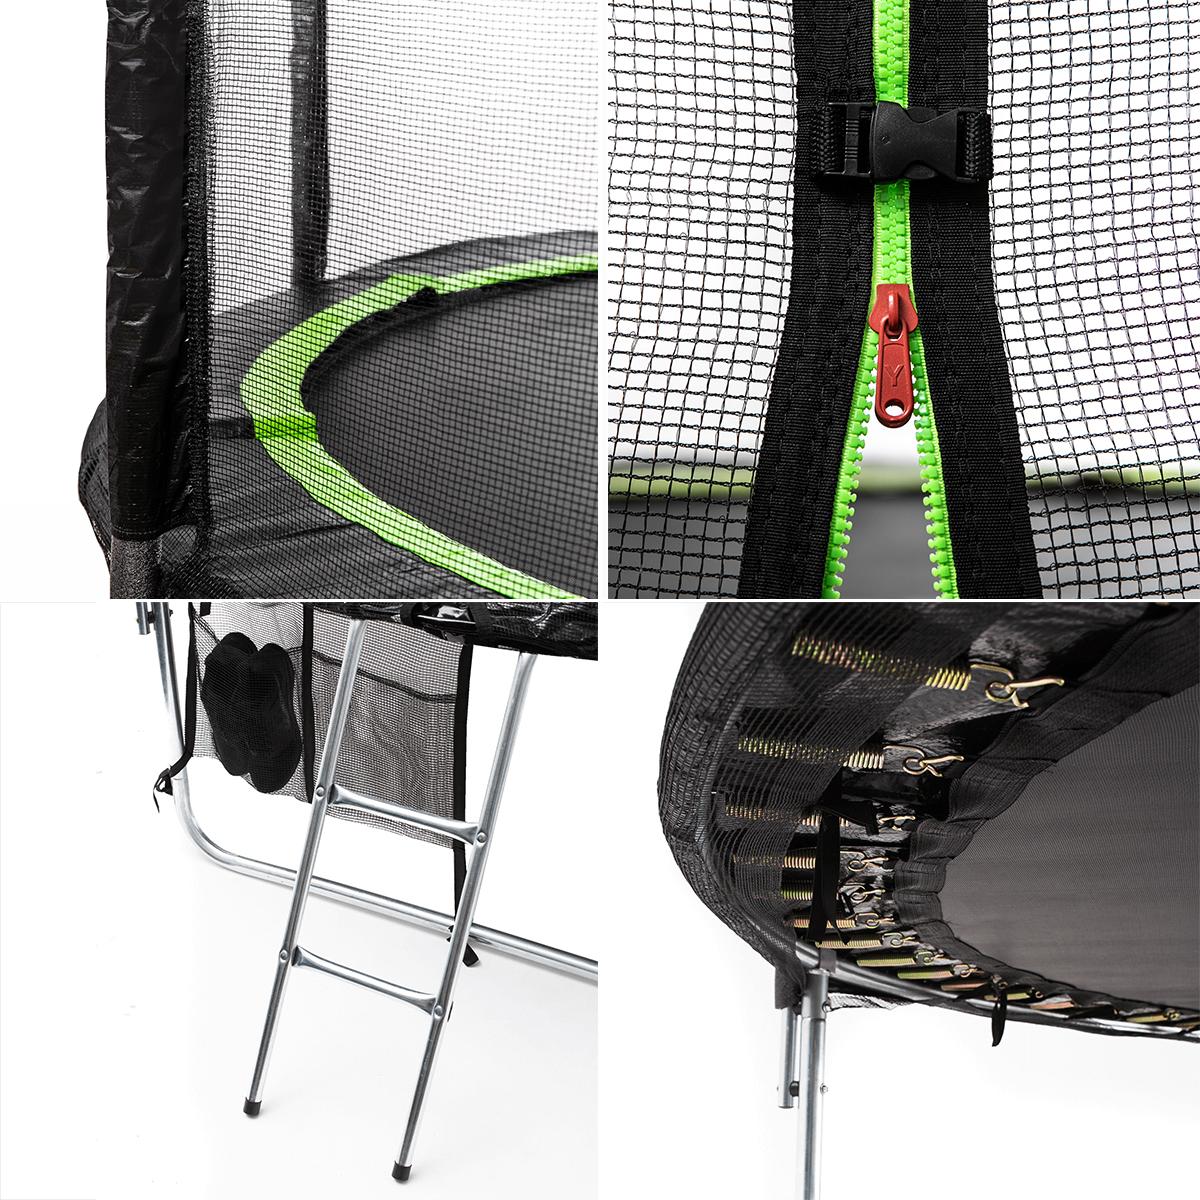 trampoliny zipro bezpieczeństwo